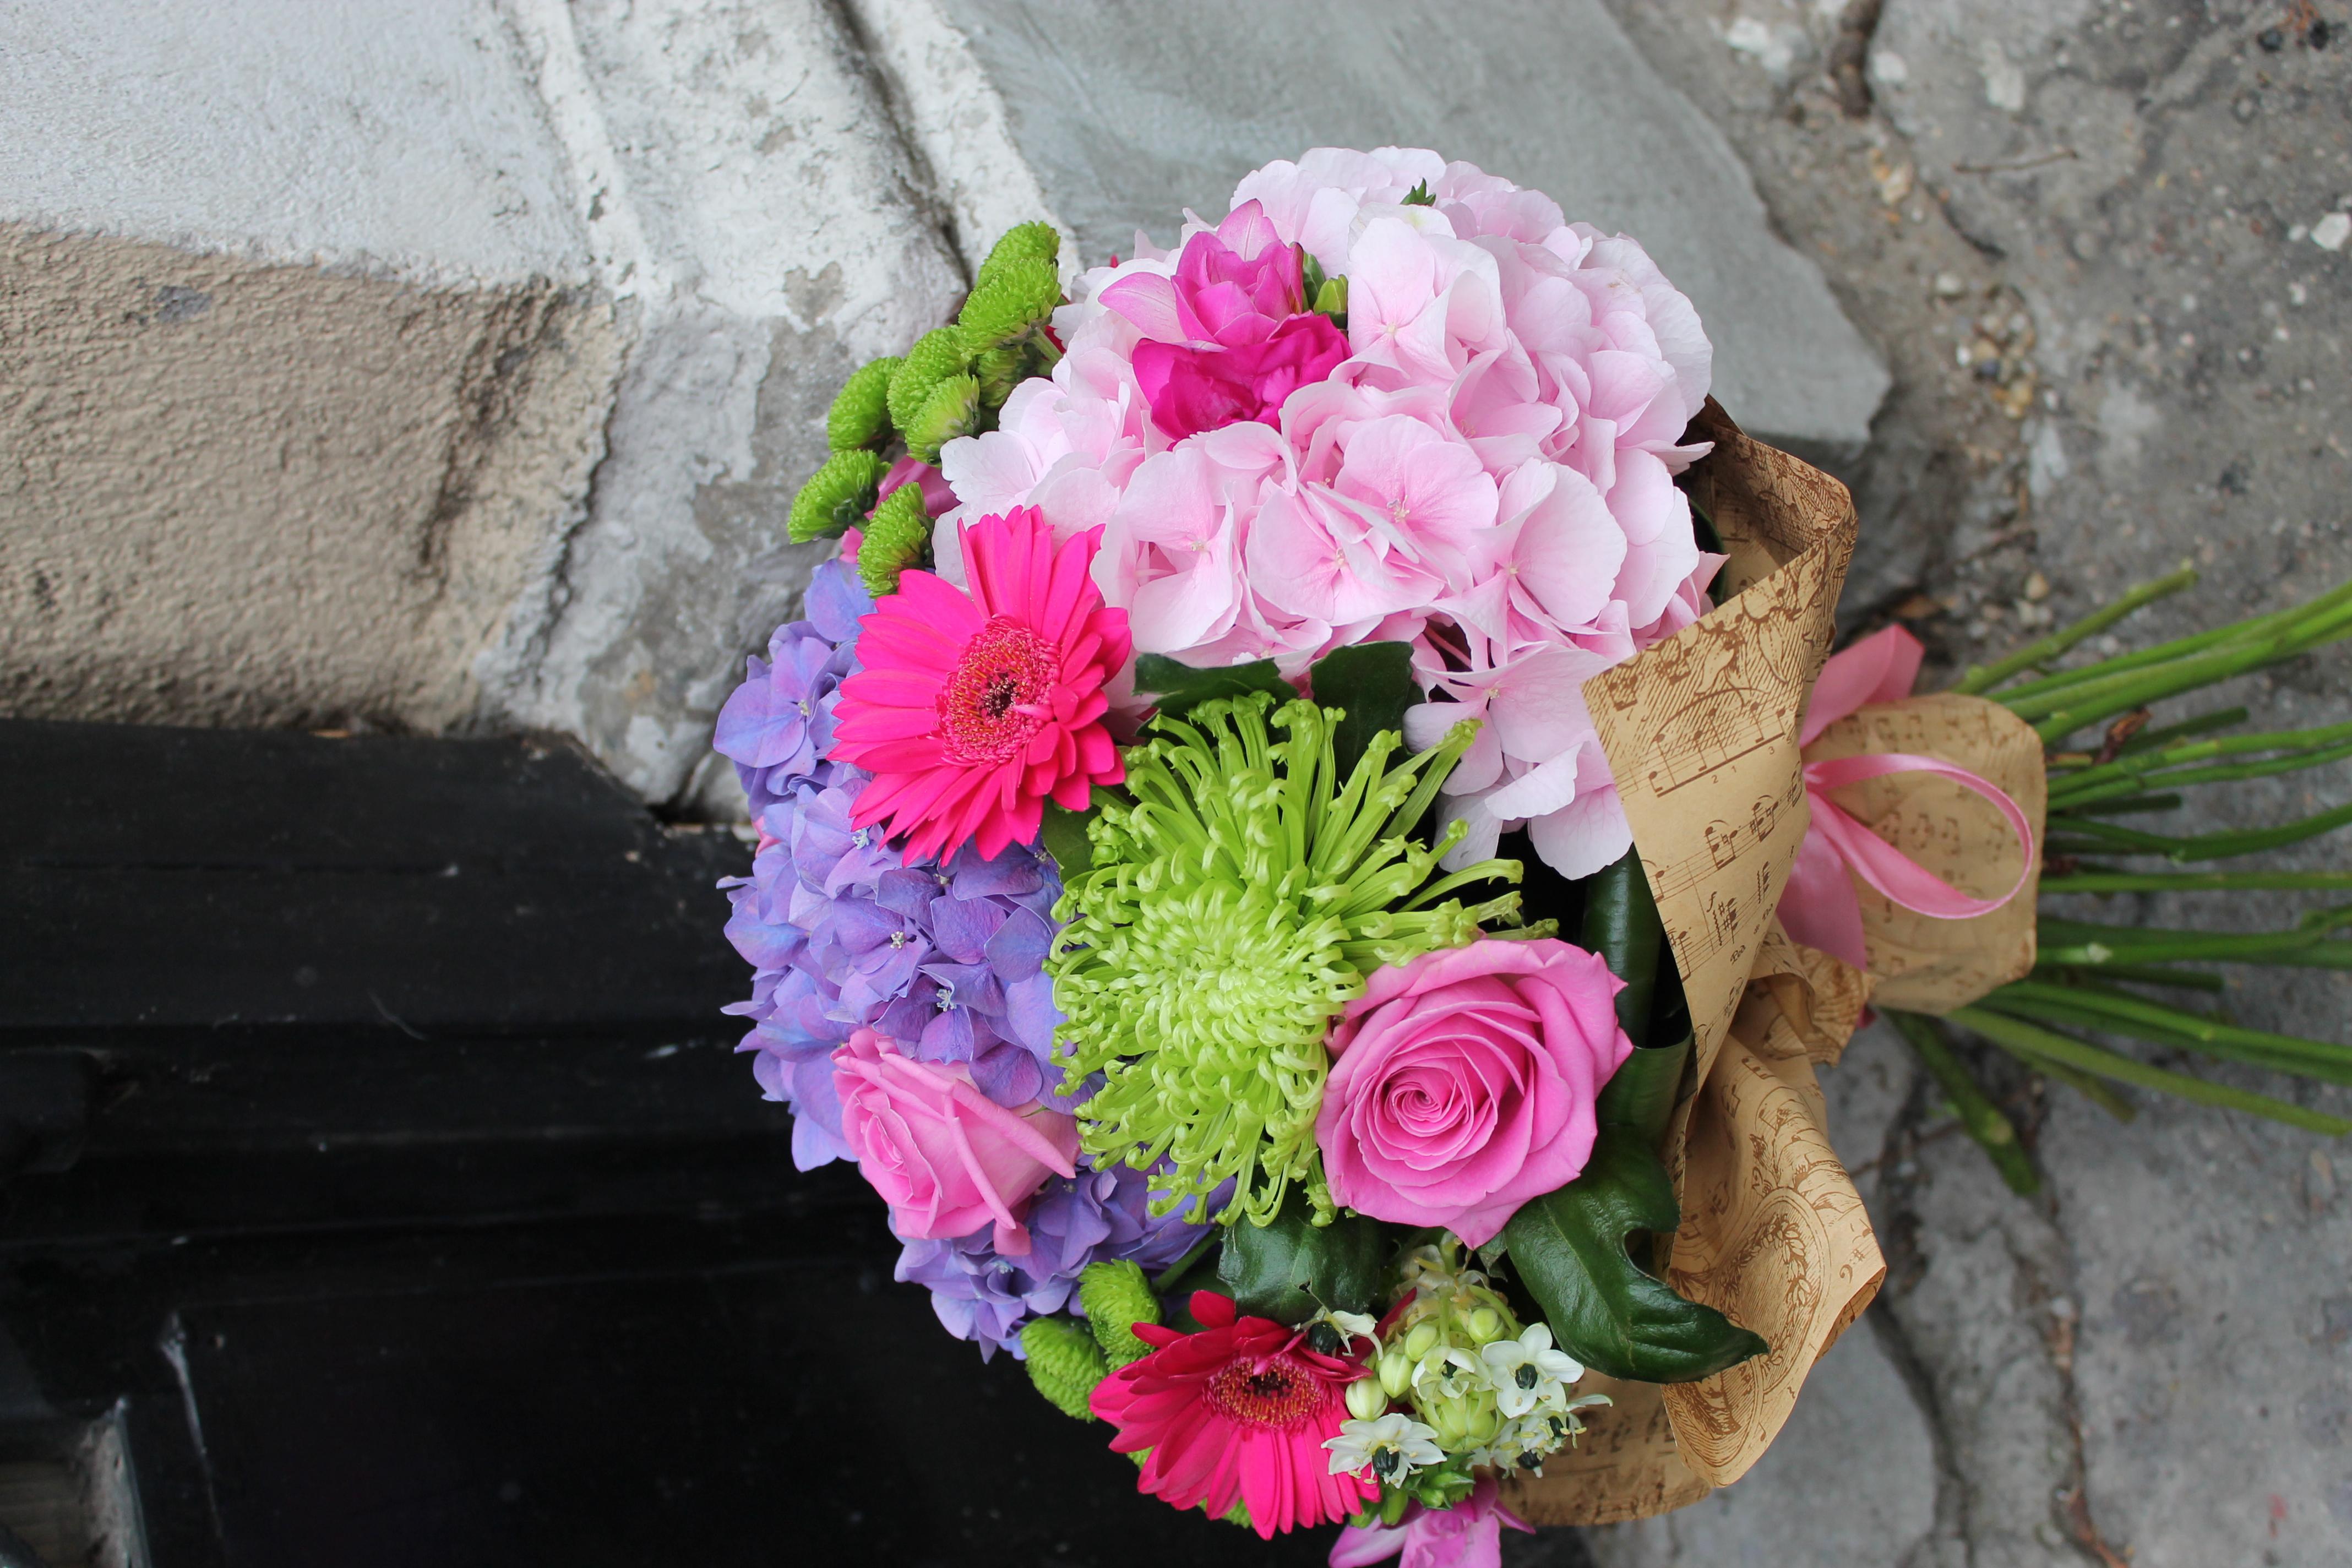 BF 15-200,00 Ron-Buchet de flori cu hortensie, trandafiri, minirosa, minigerbera, frezii